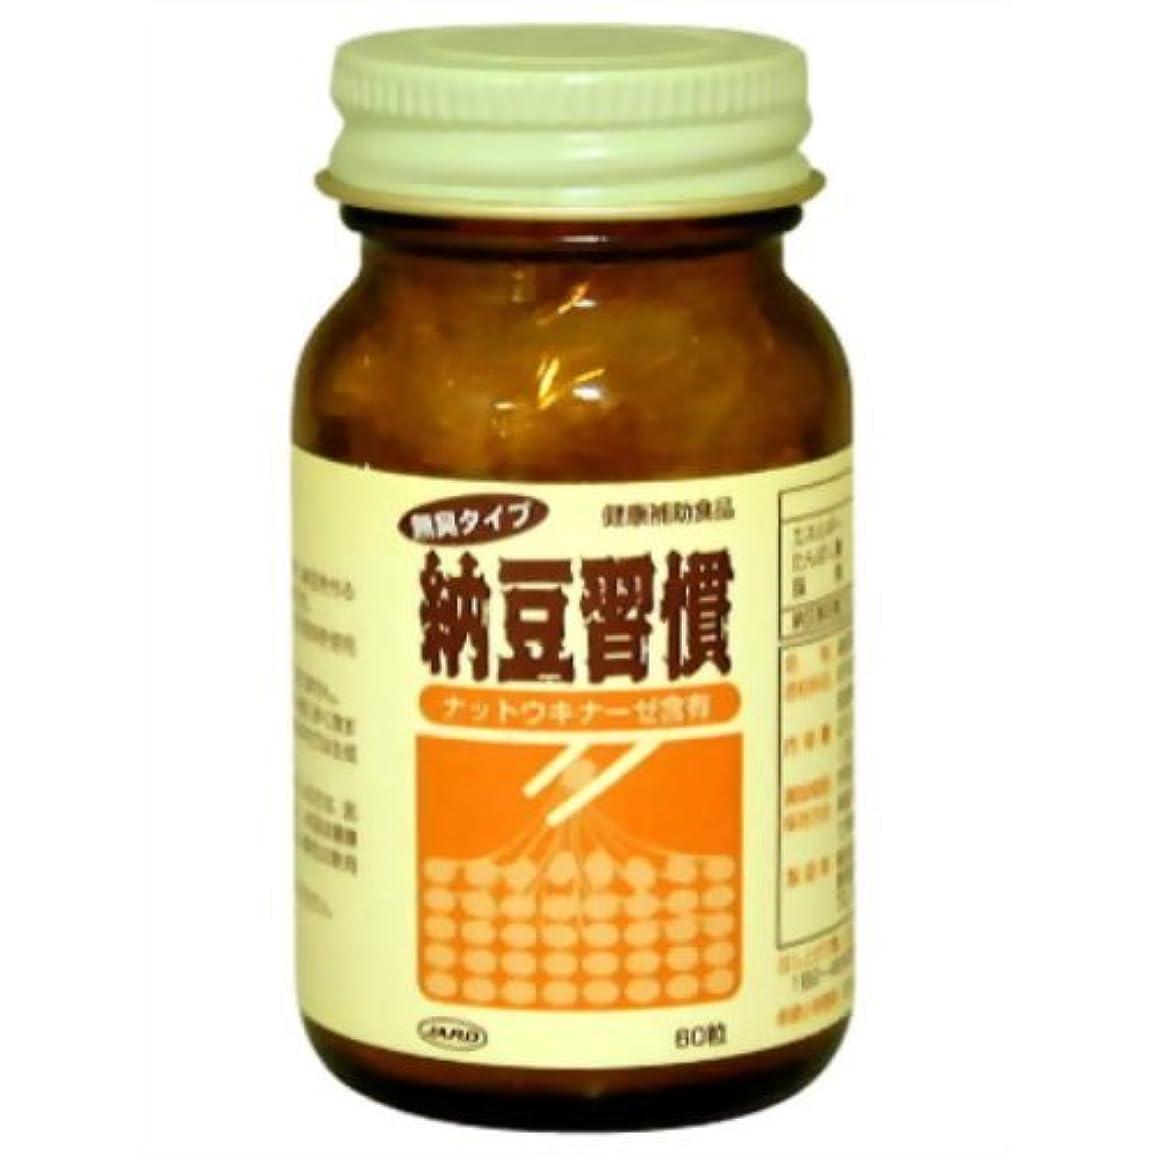 注文ミニ細菌納豆習慣 ナットウキナーゼ含有